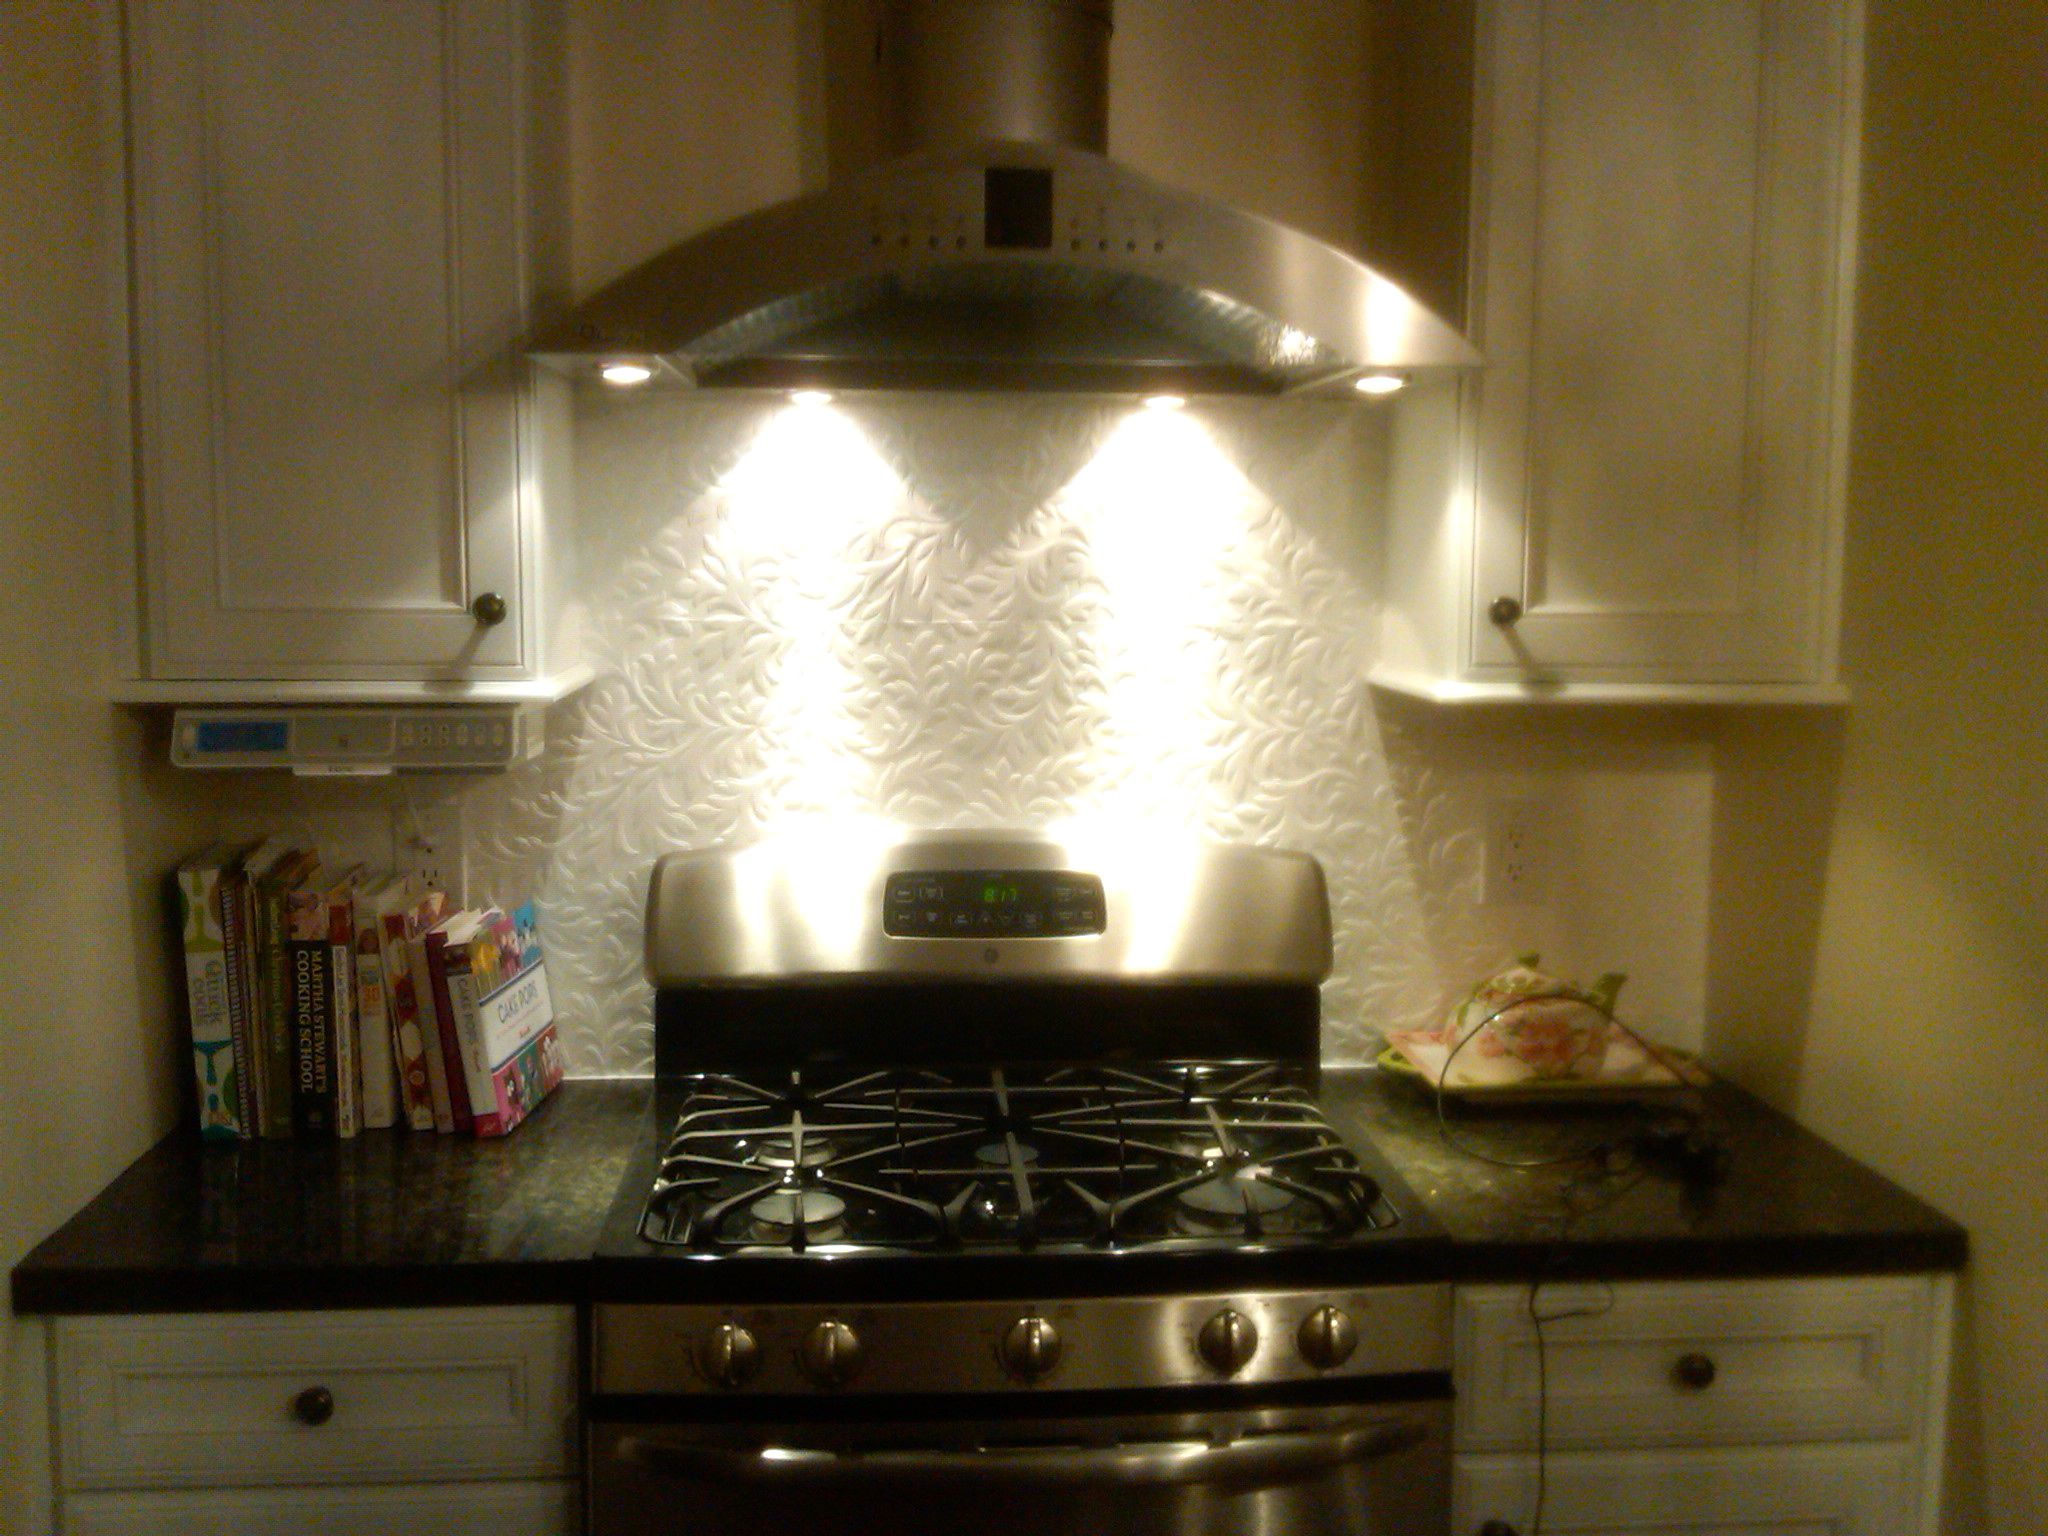 wallpaper kitchen backsplash cabinets organizer use anaglypta textured